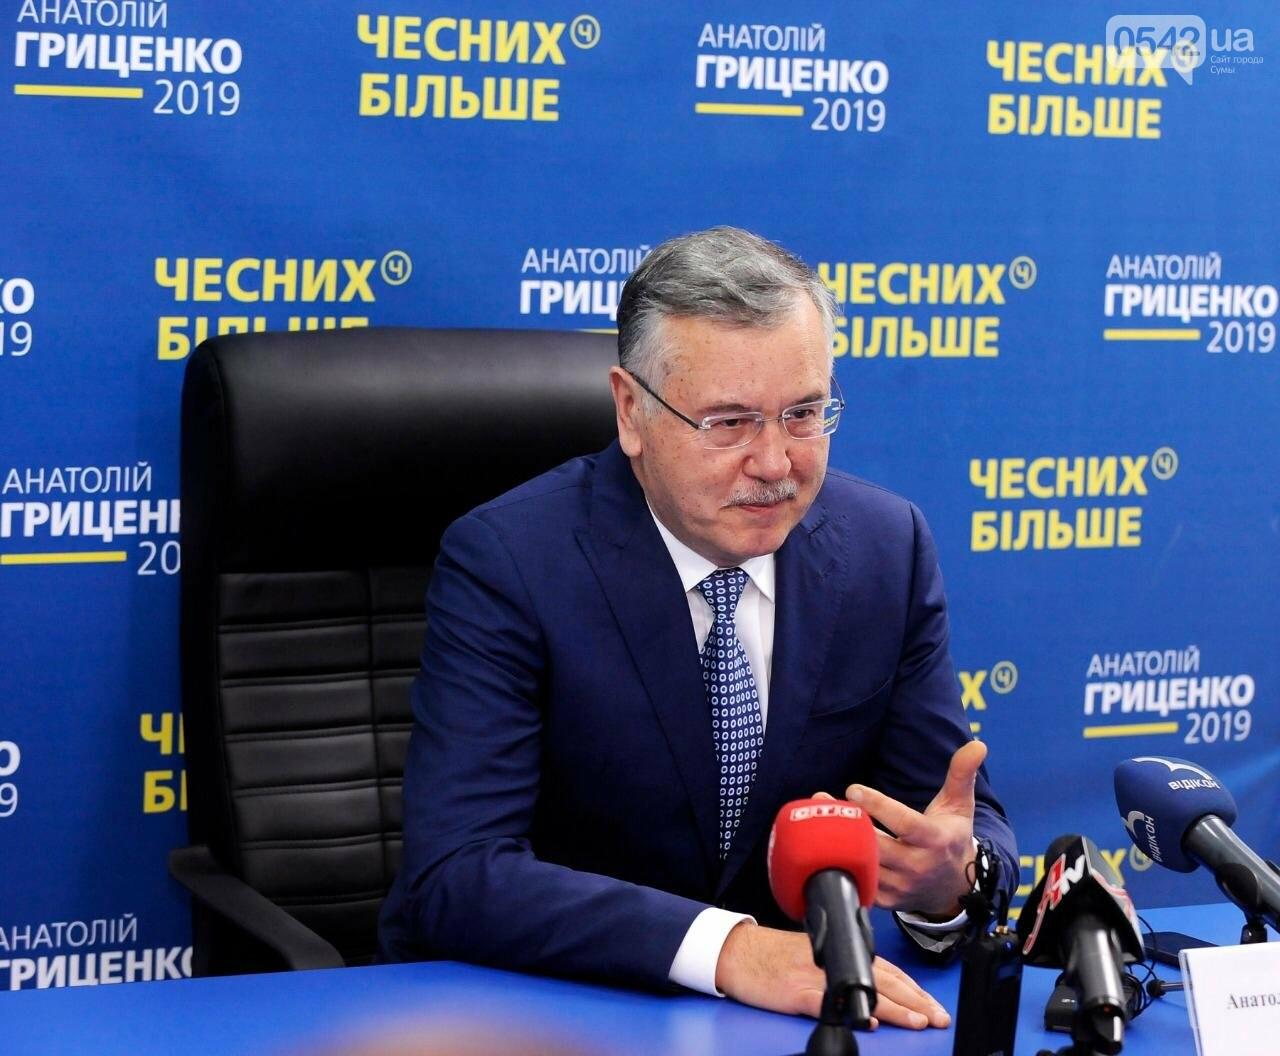 «Комунальні платежі не мають перевищували 15% від доходу родини», - Анатолій Гриценко у Сумах, фото-1